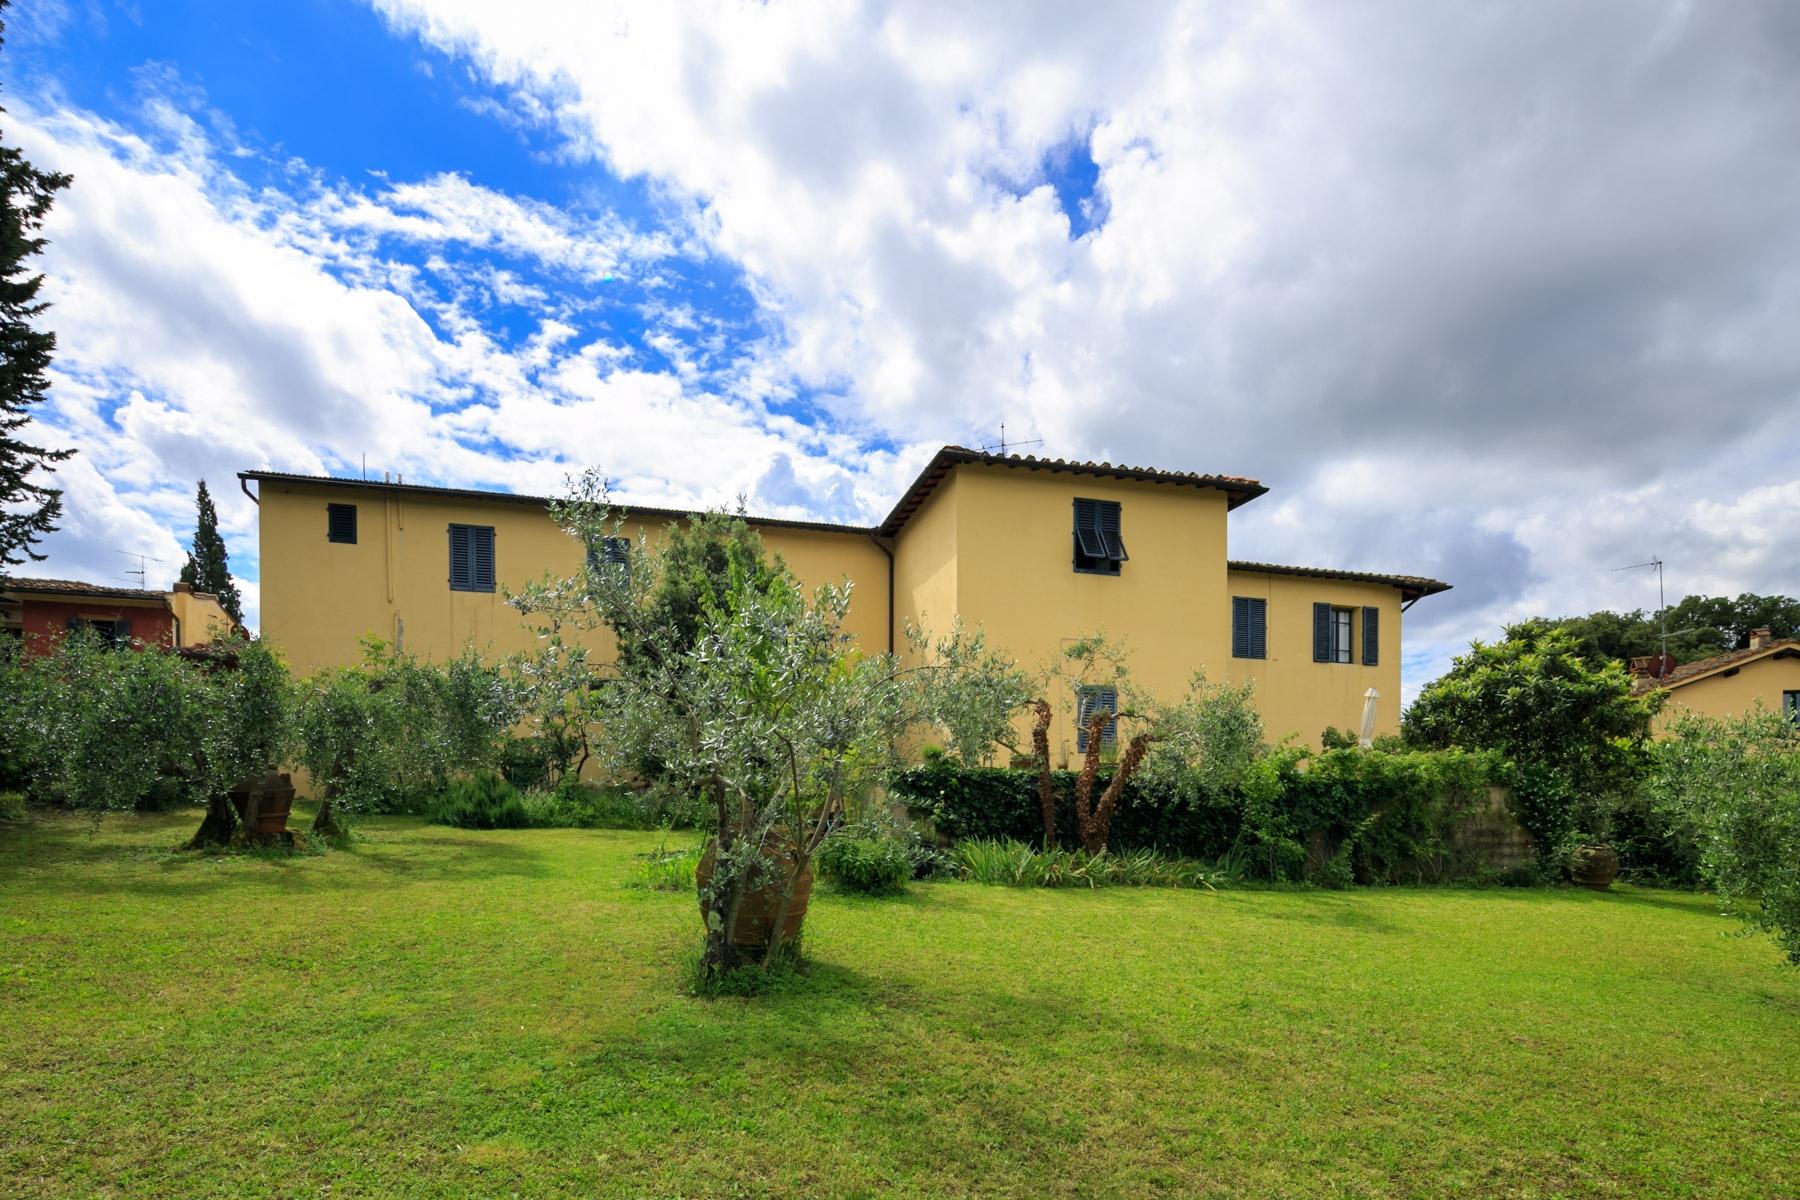 Villa in Affitto a Firenze Semicentro Ovest: 5 locali, 600 mq